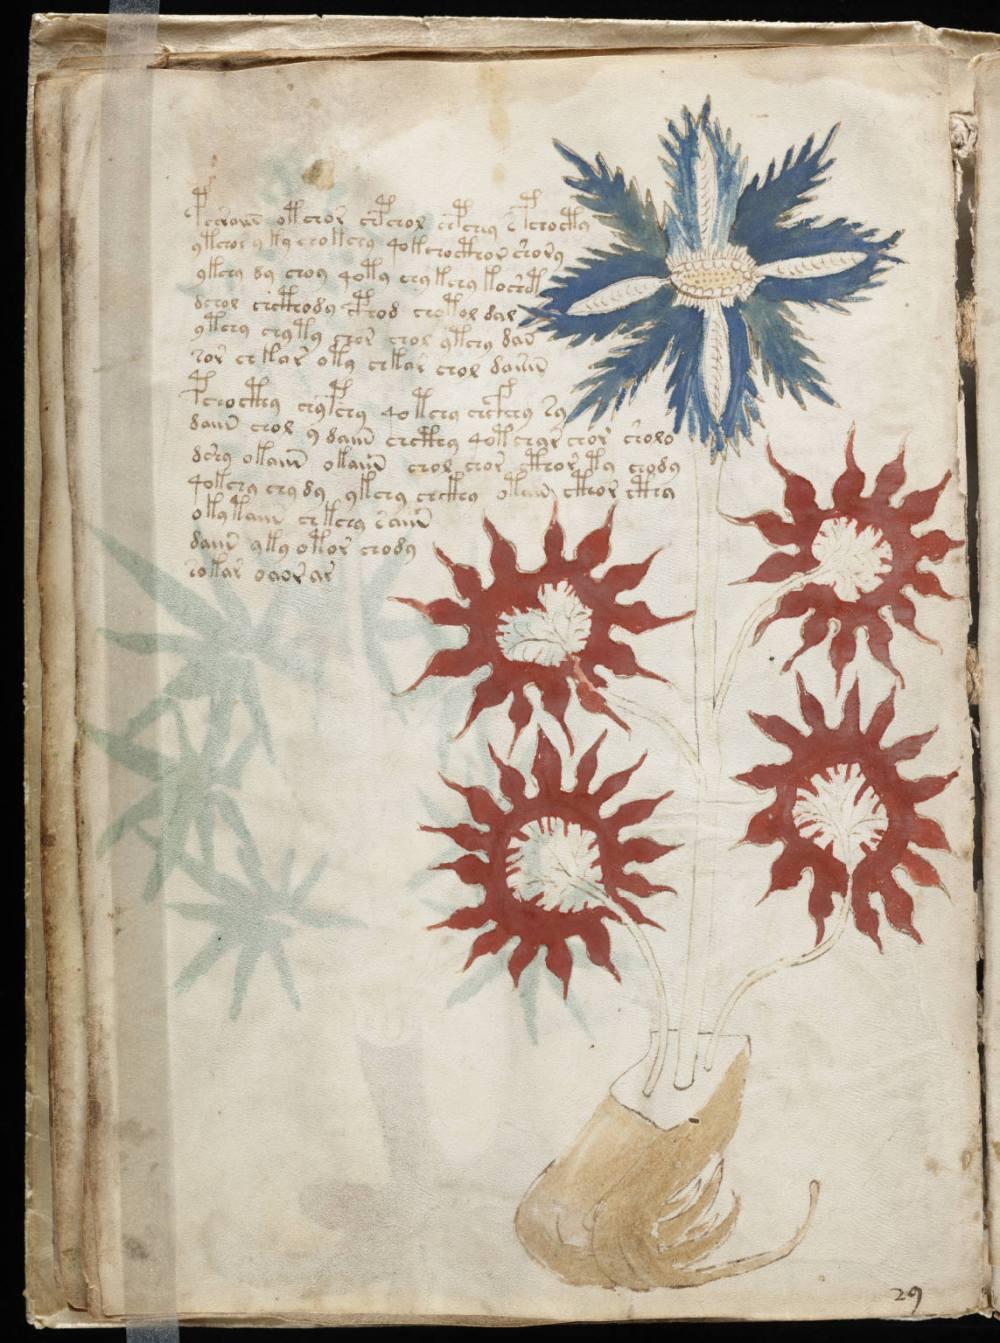 voynich_manuscript_283229